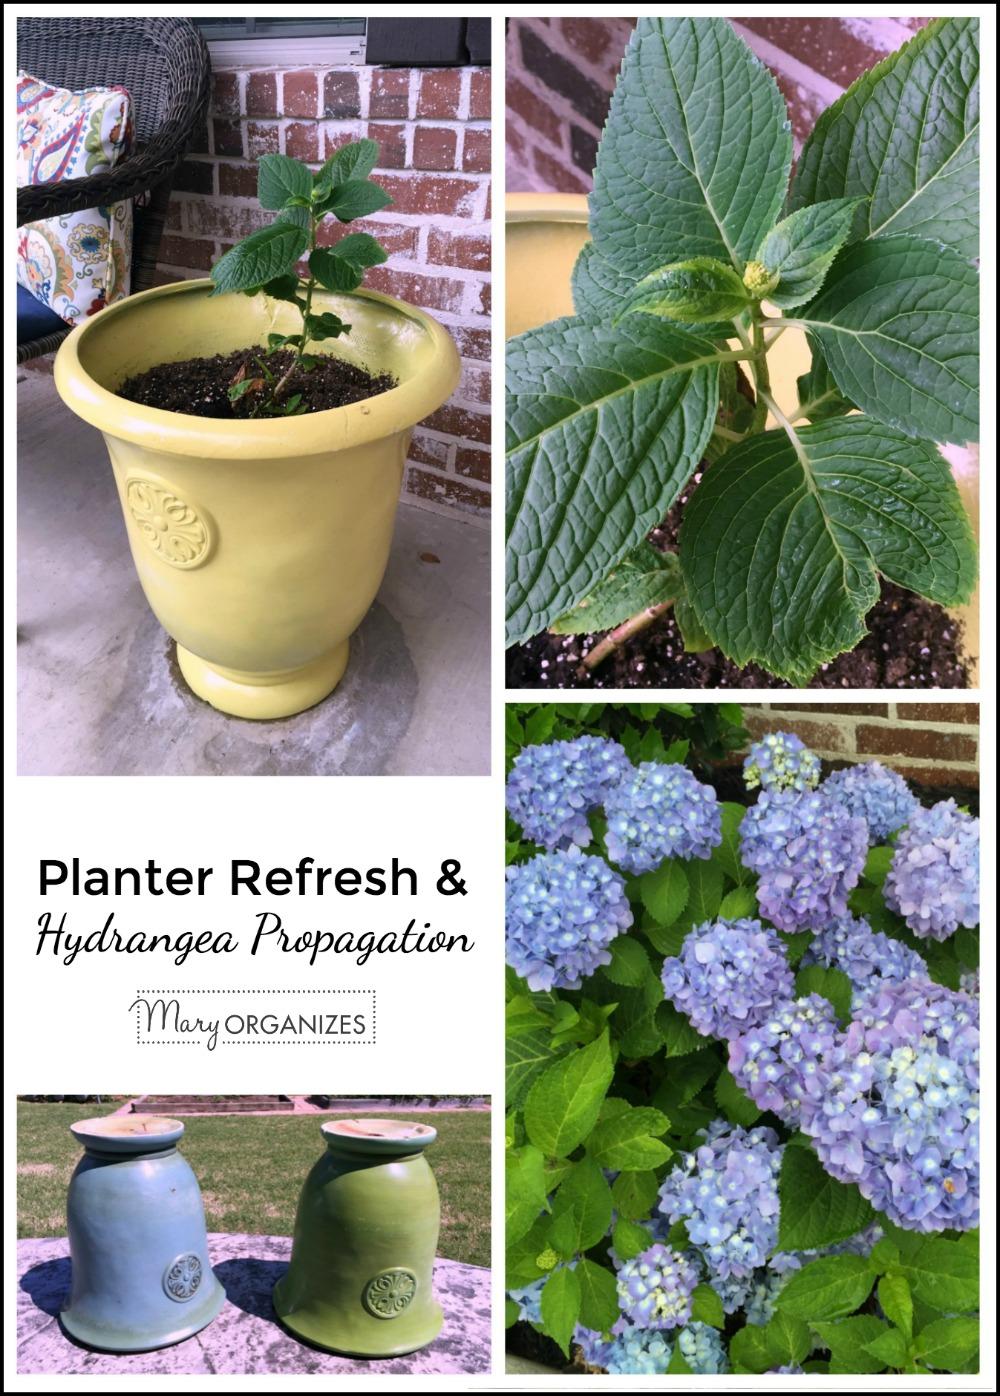 Planter Refresh and Hydrangea Propagation -v pic